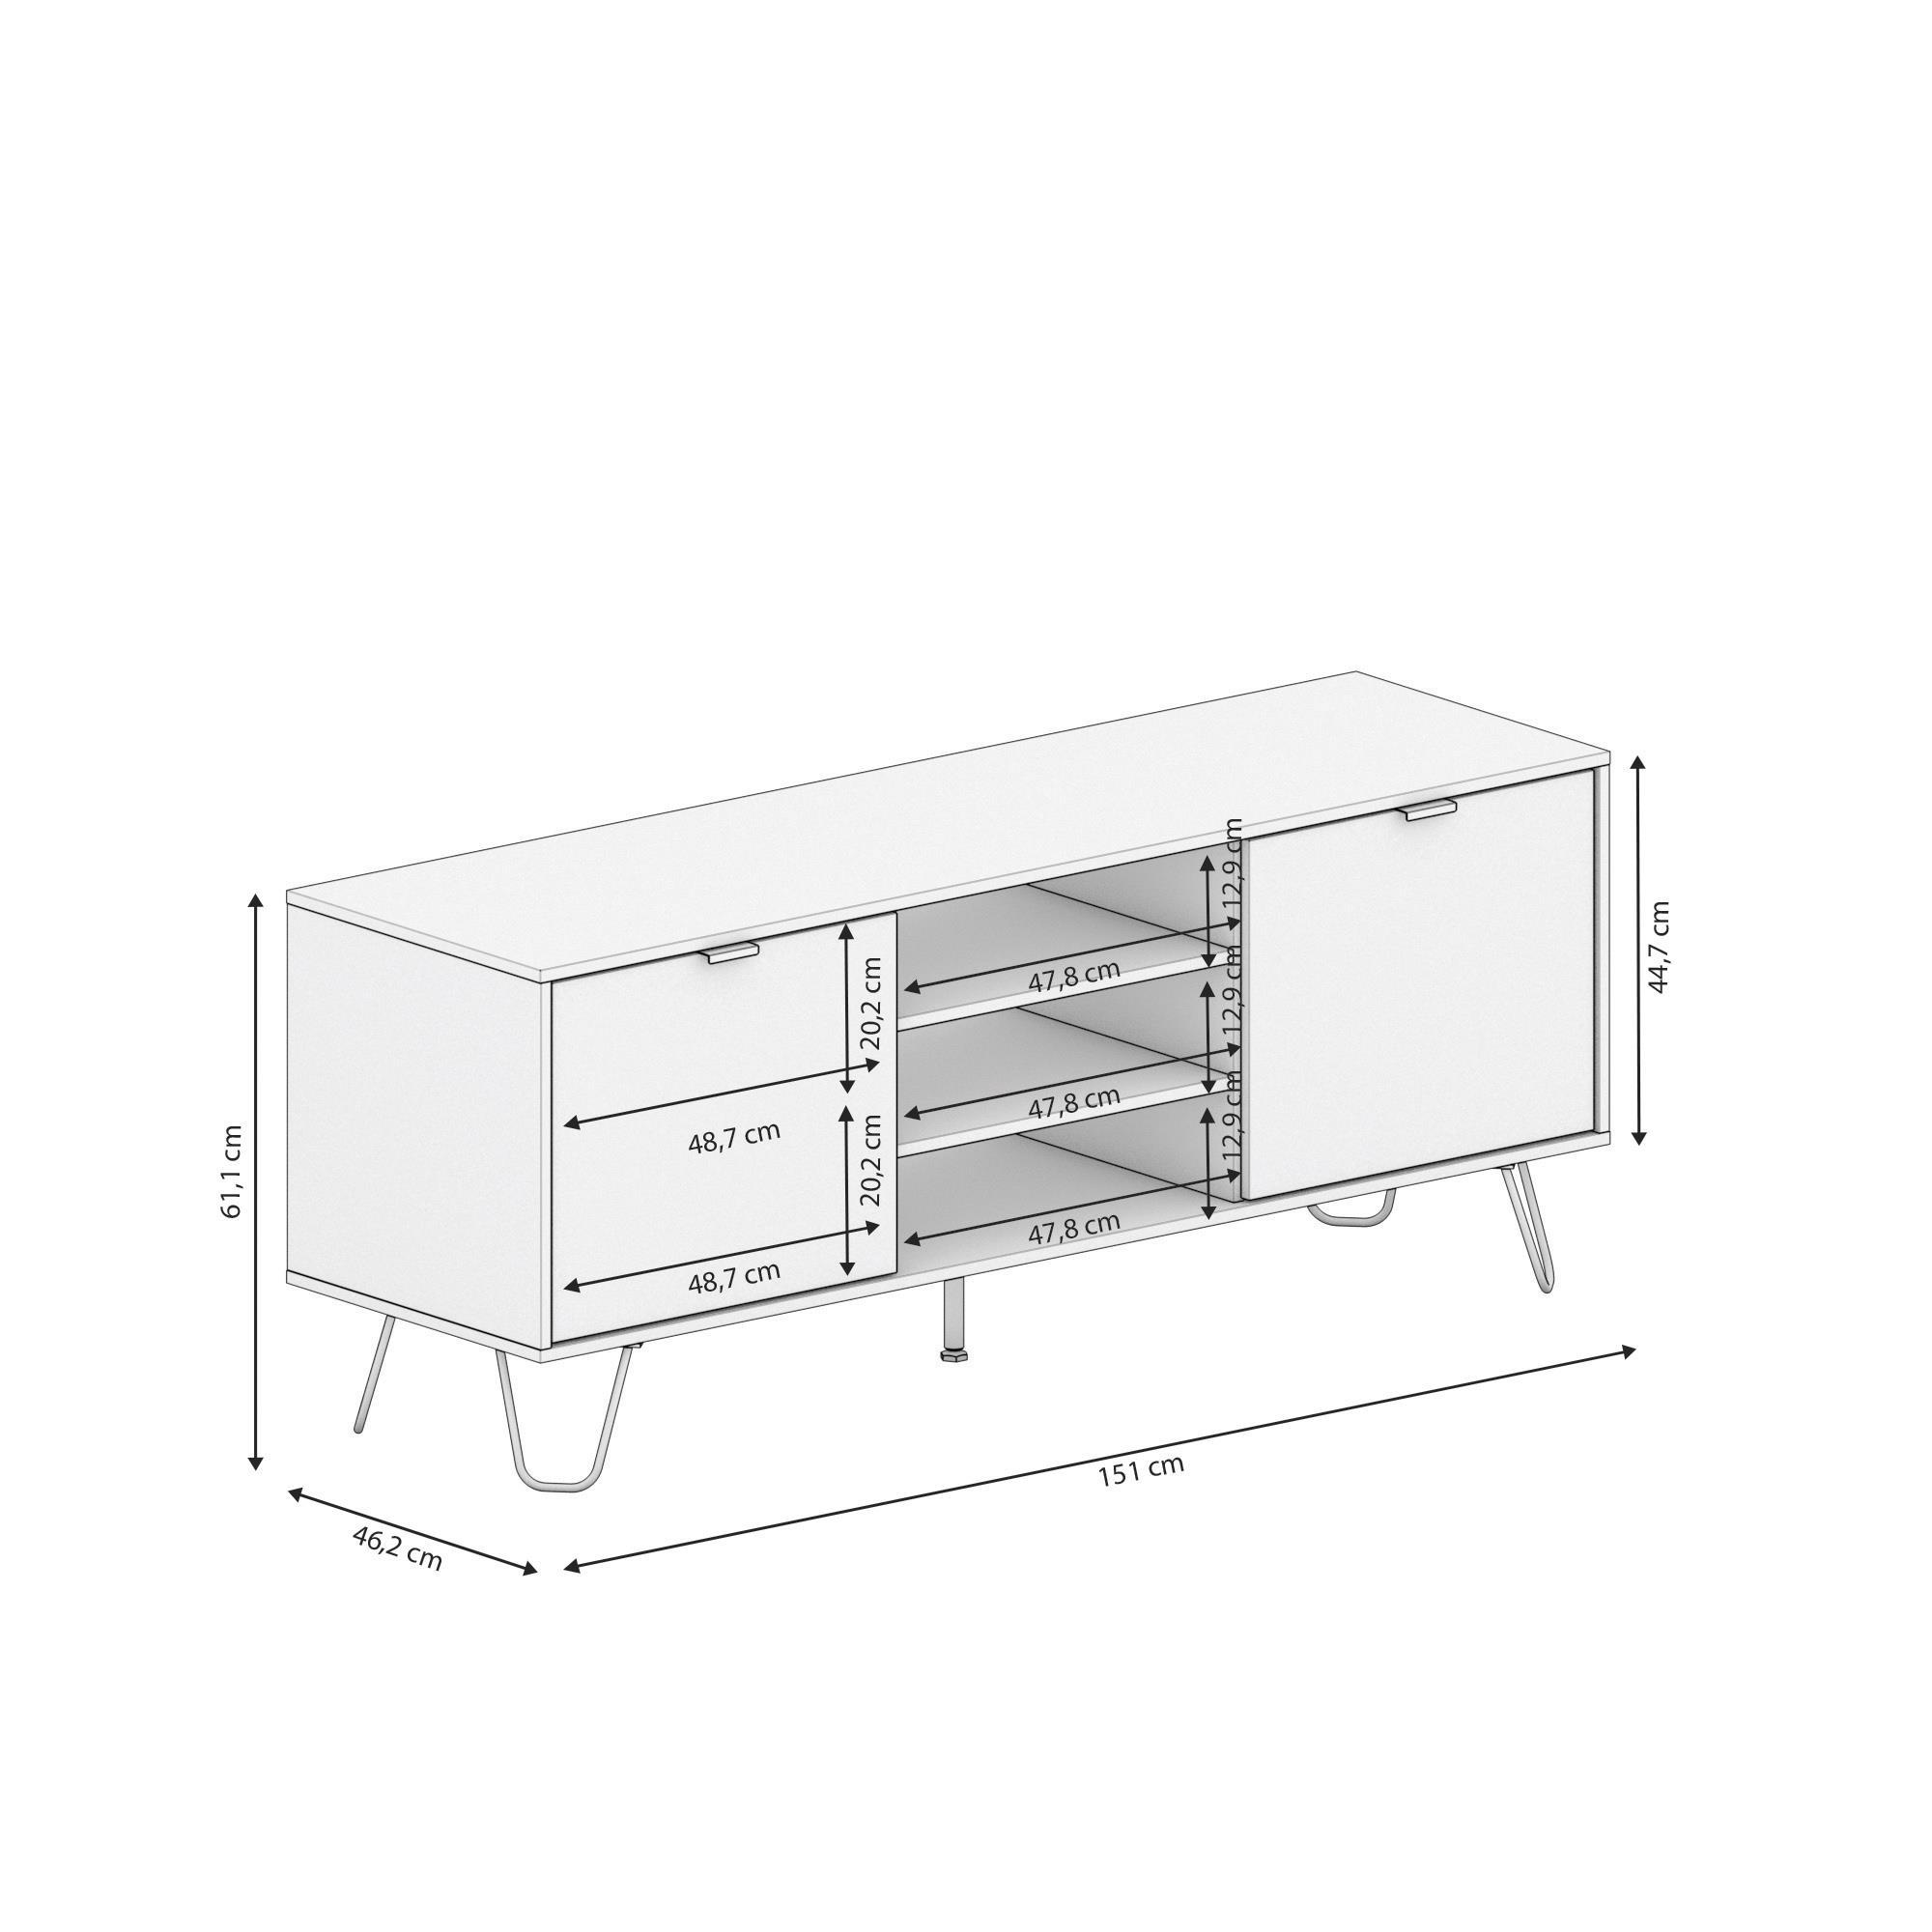 prodcor_5707_EU009-EBPR1_EU009-EBPR1-8.jpg